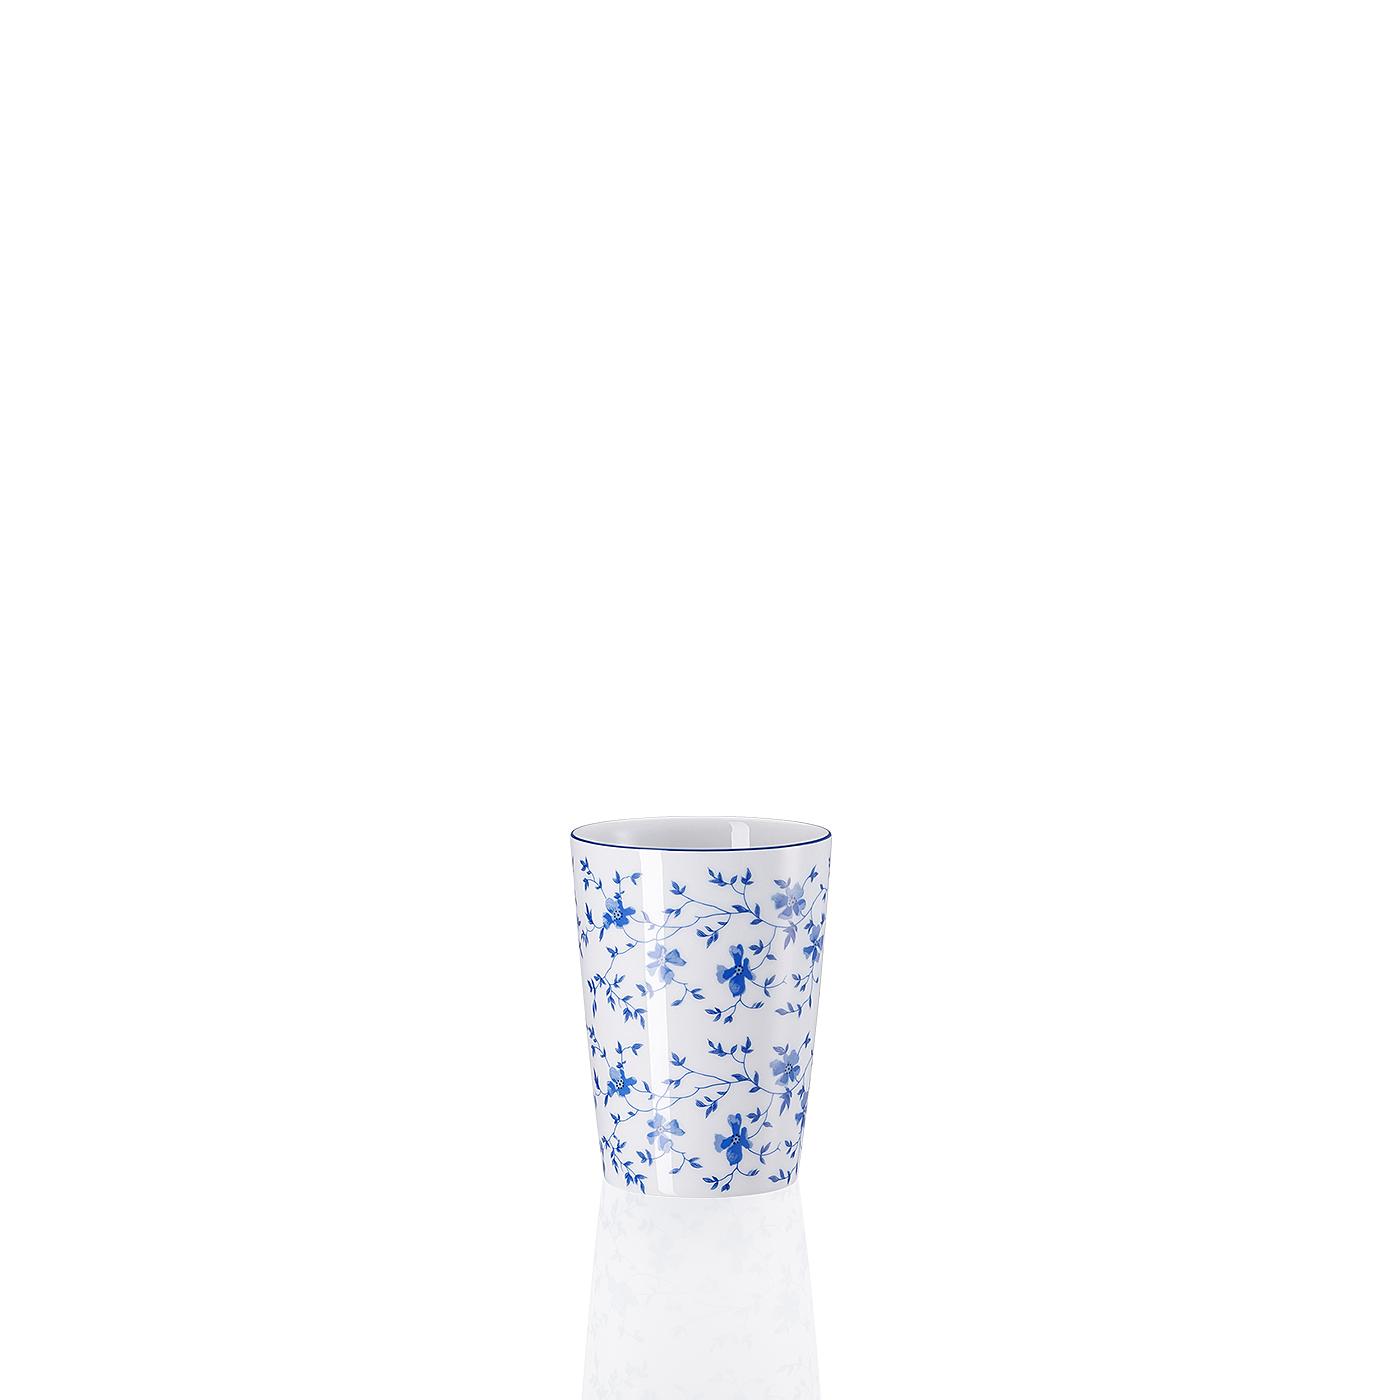 Becher ohne Henkel Form 1382 Blaublüten Arzberg